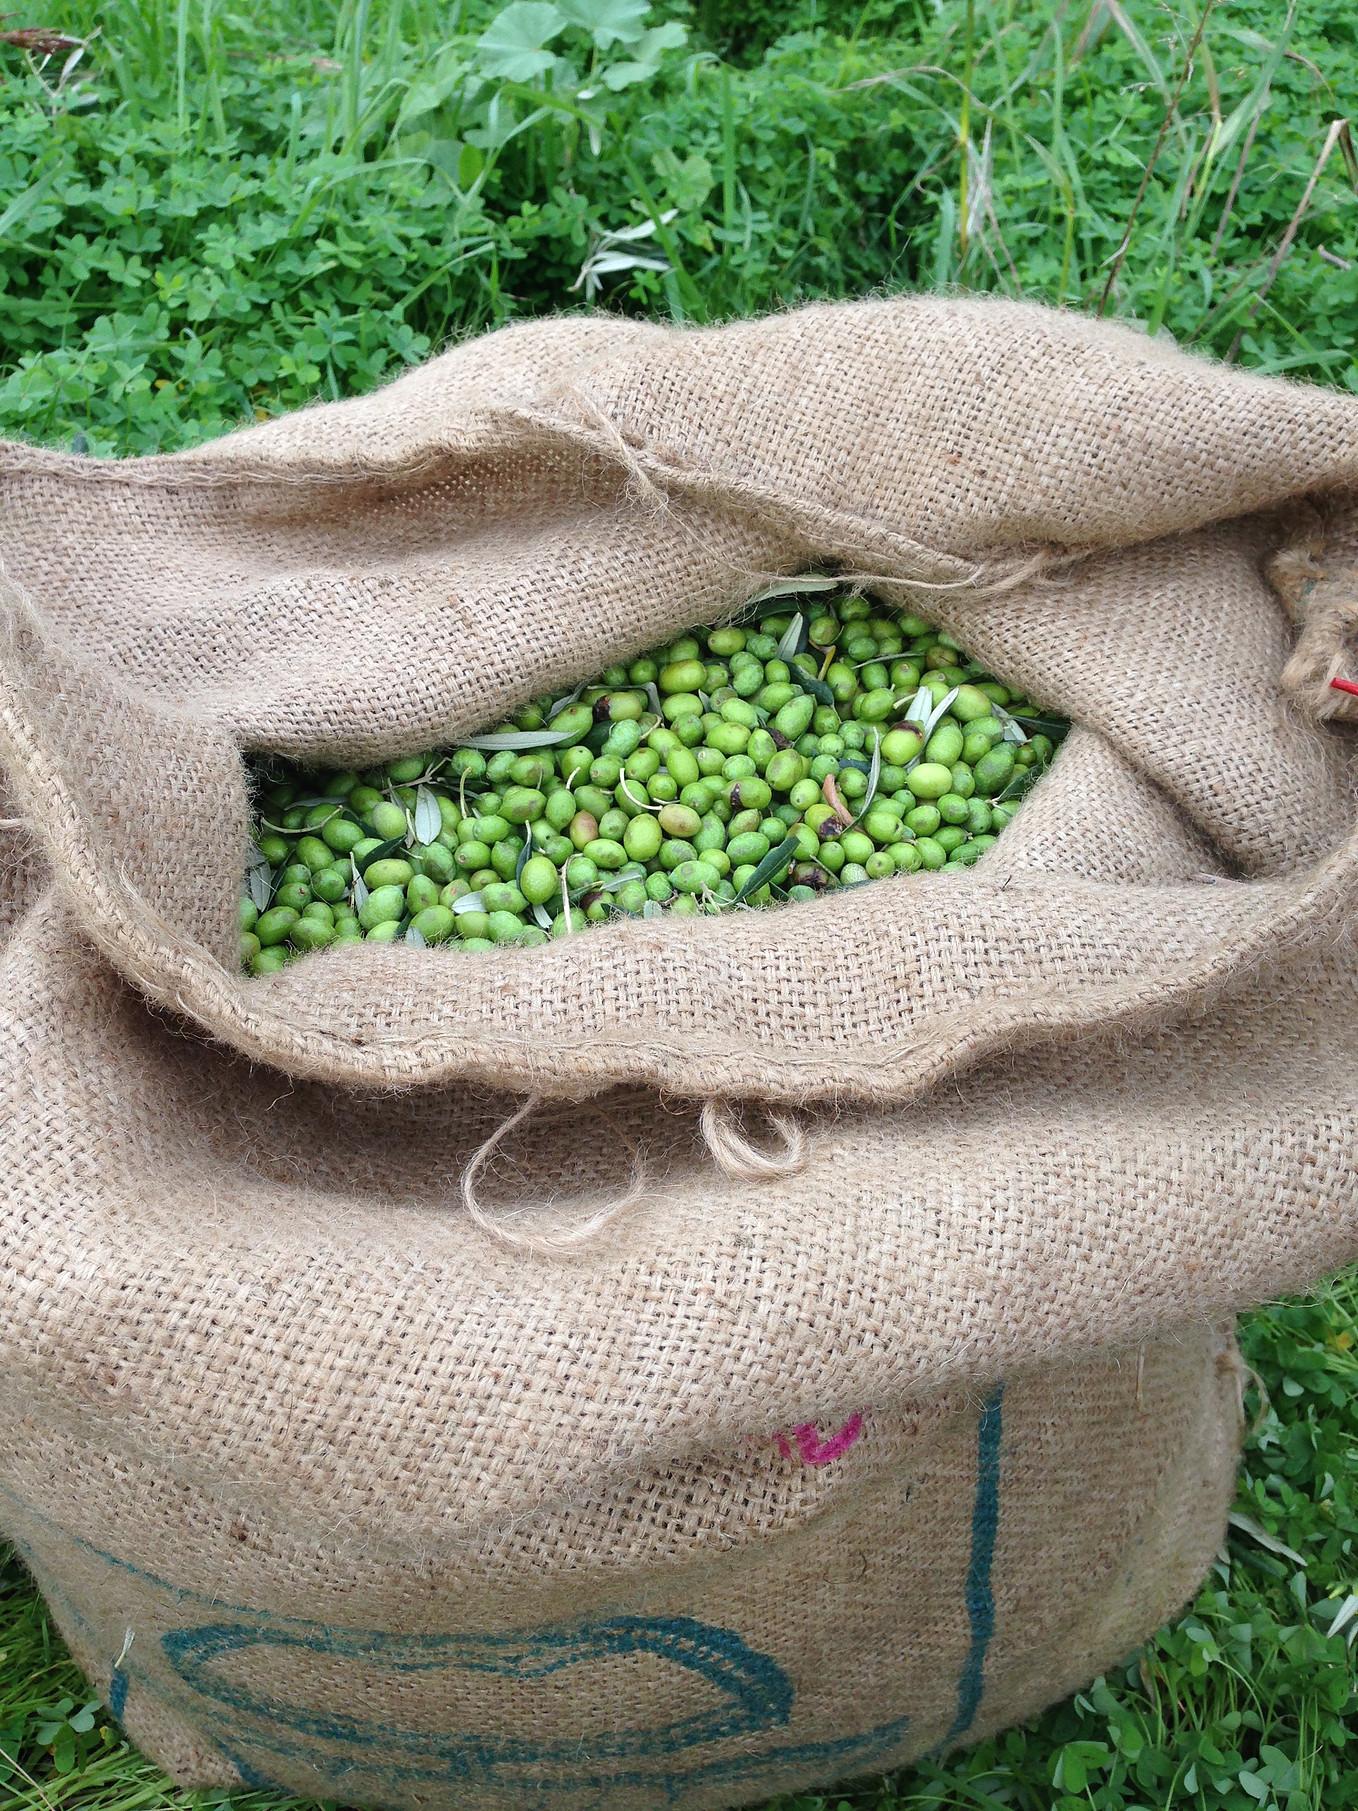 sack of olives